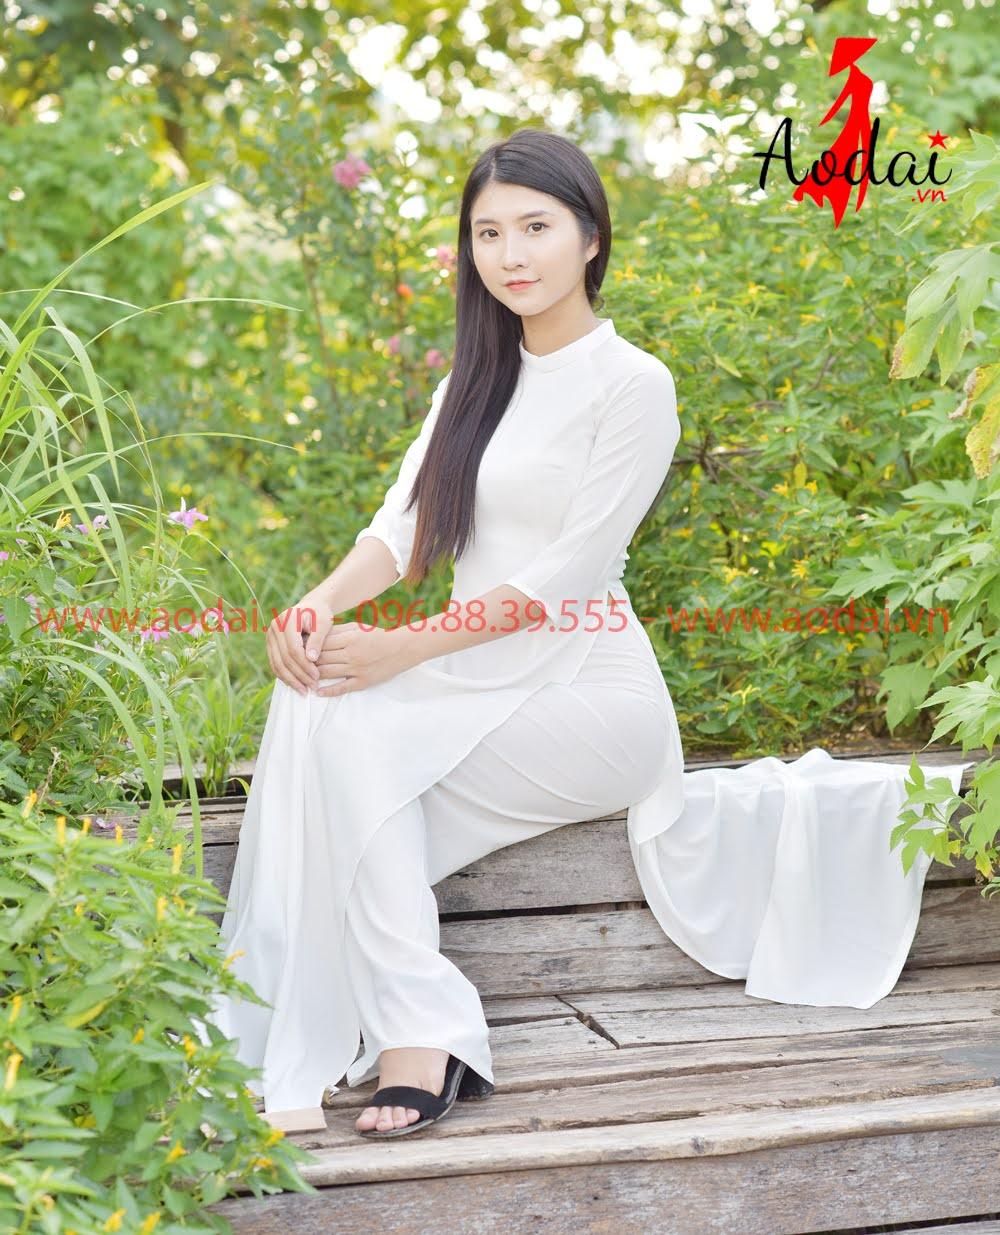 May áo dài tại Hà Nội